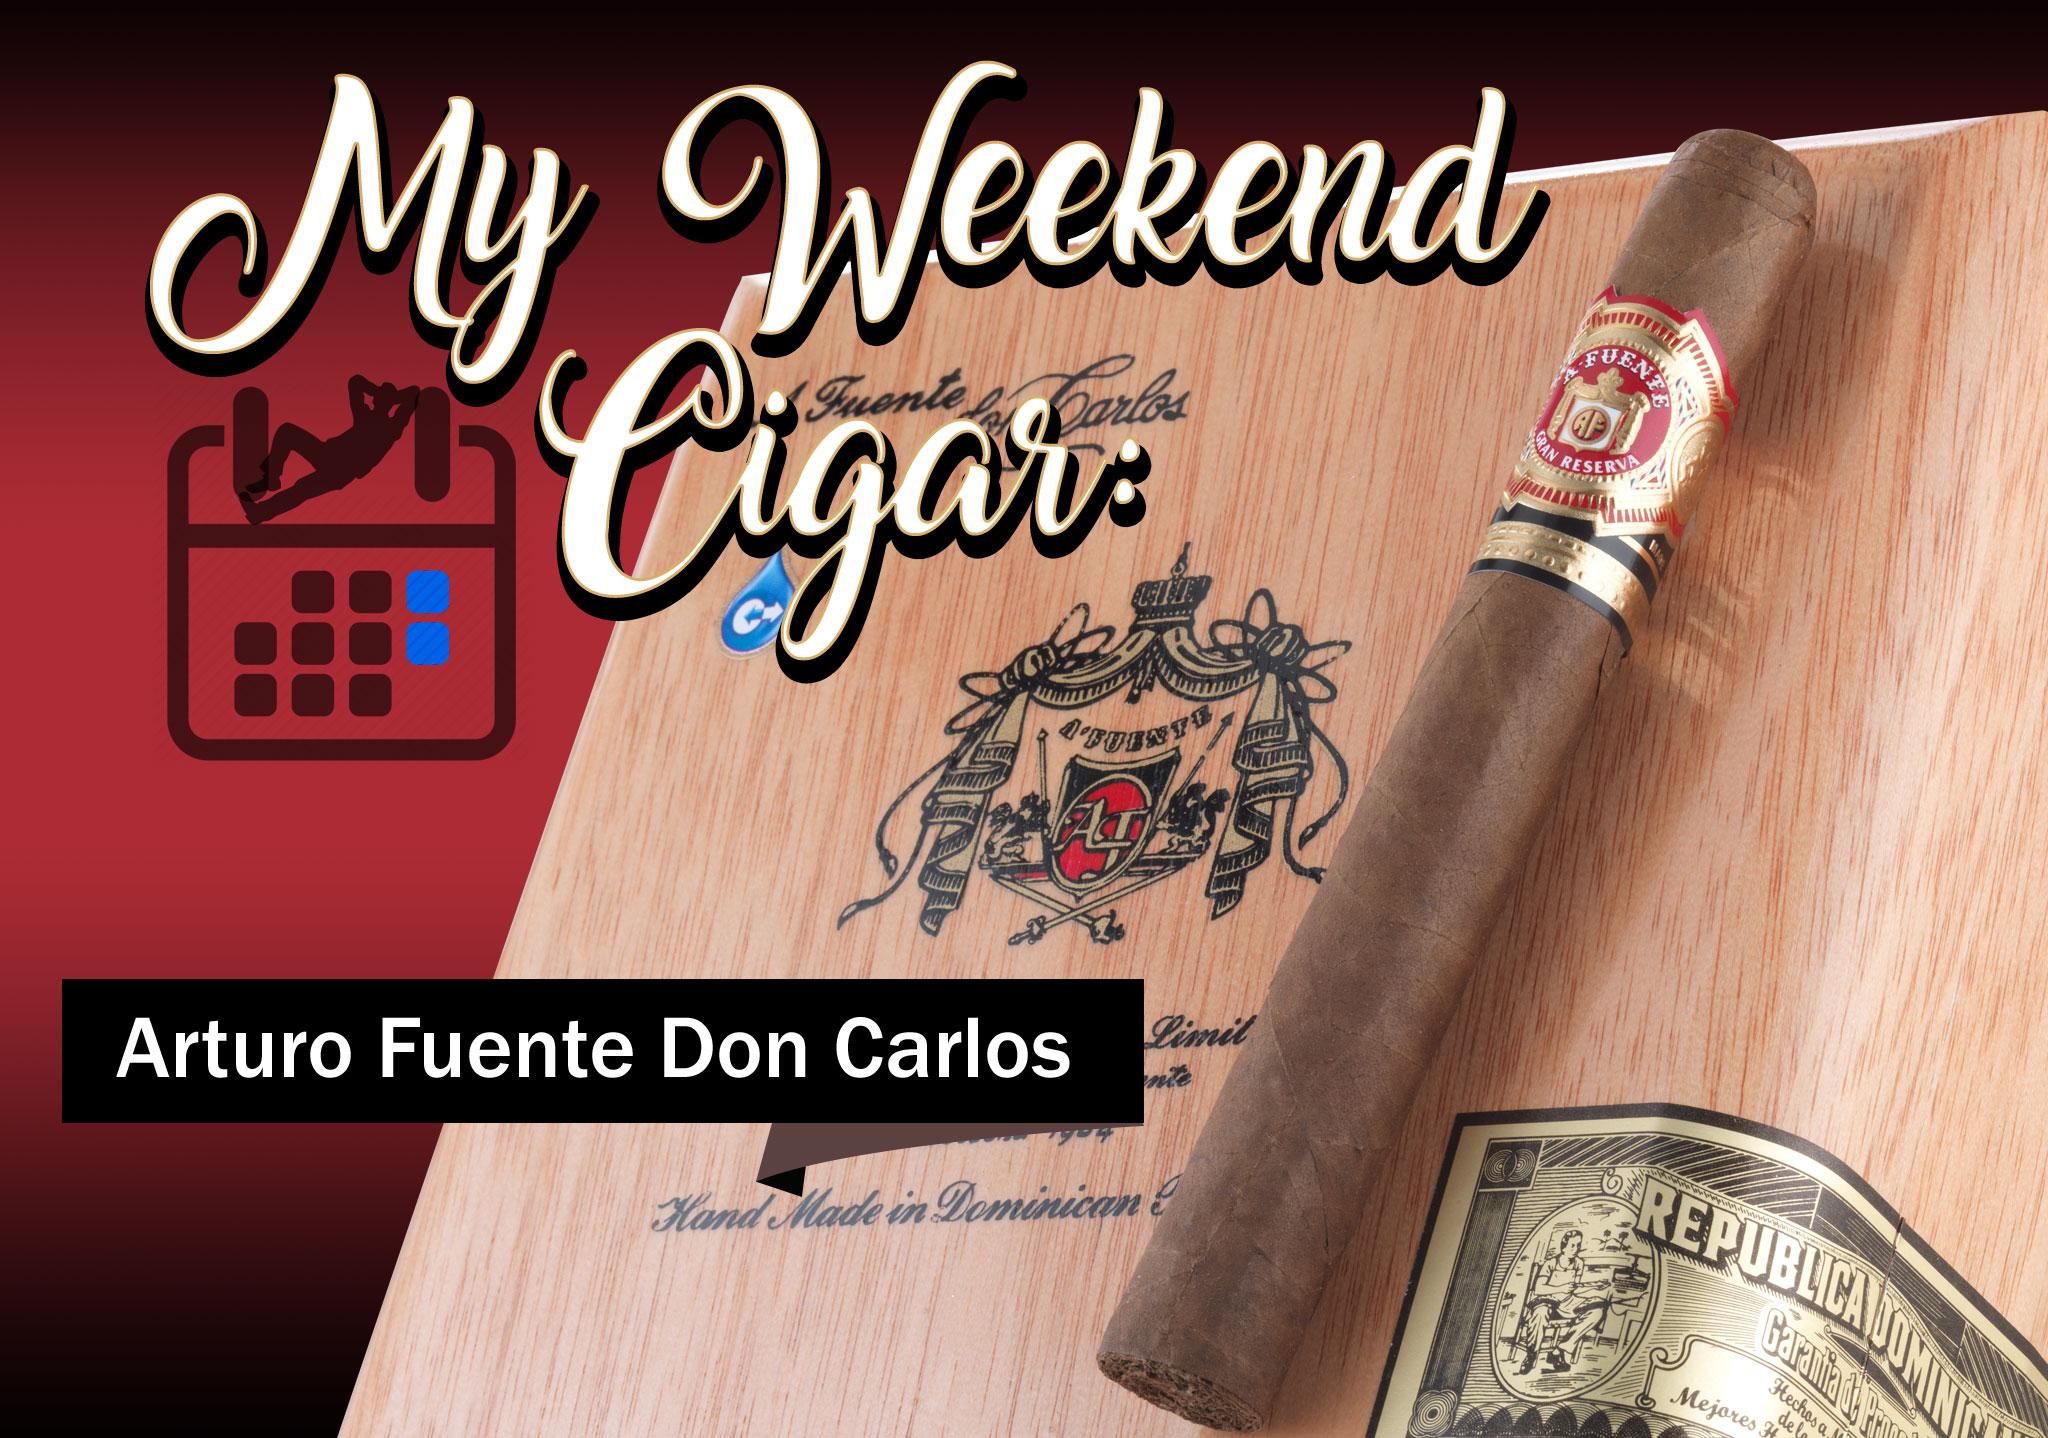 My Weekend Cigar – Nov. 6, 2017: Arturo Fuente Don Carlos